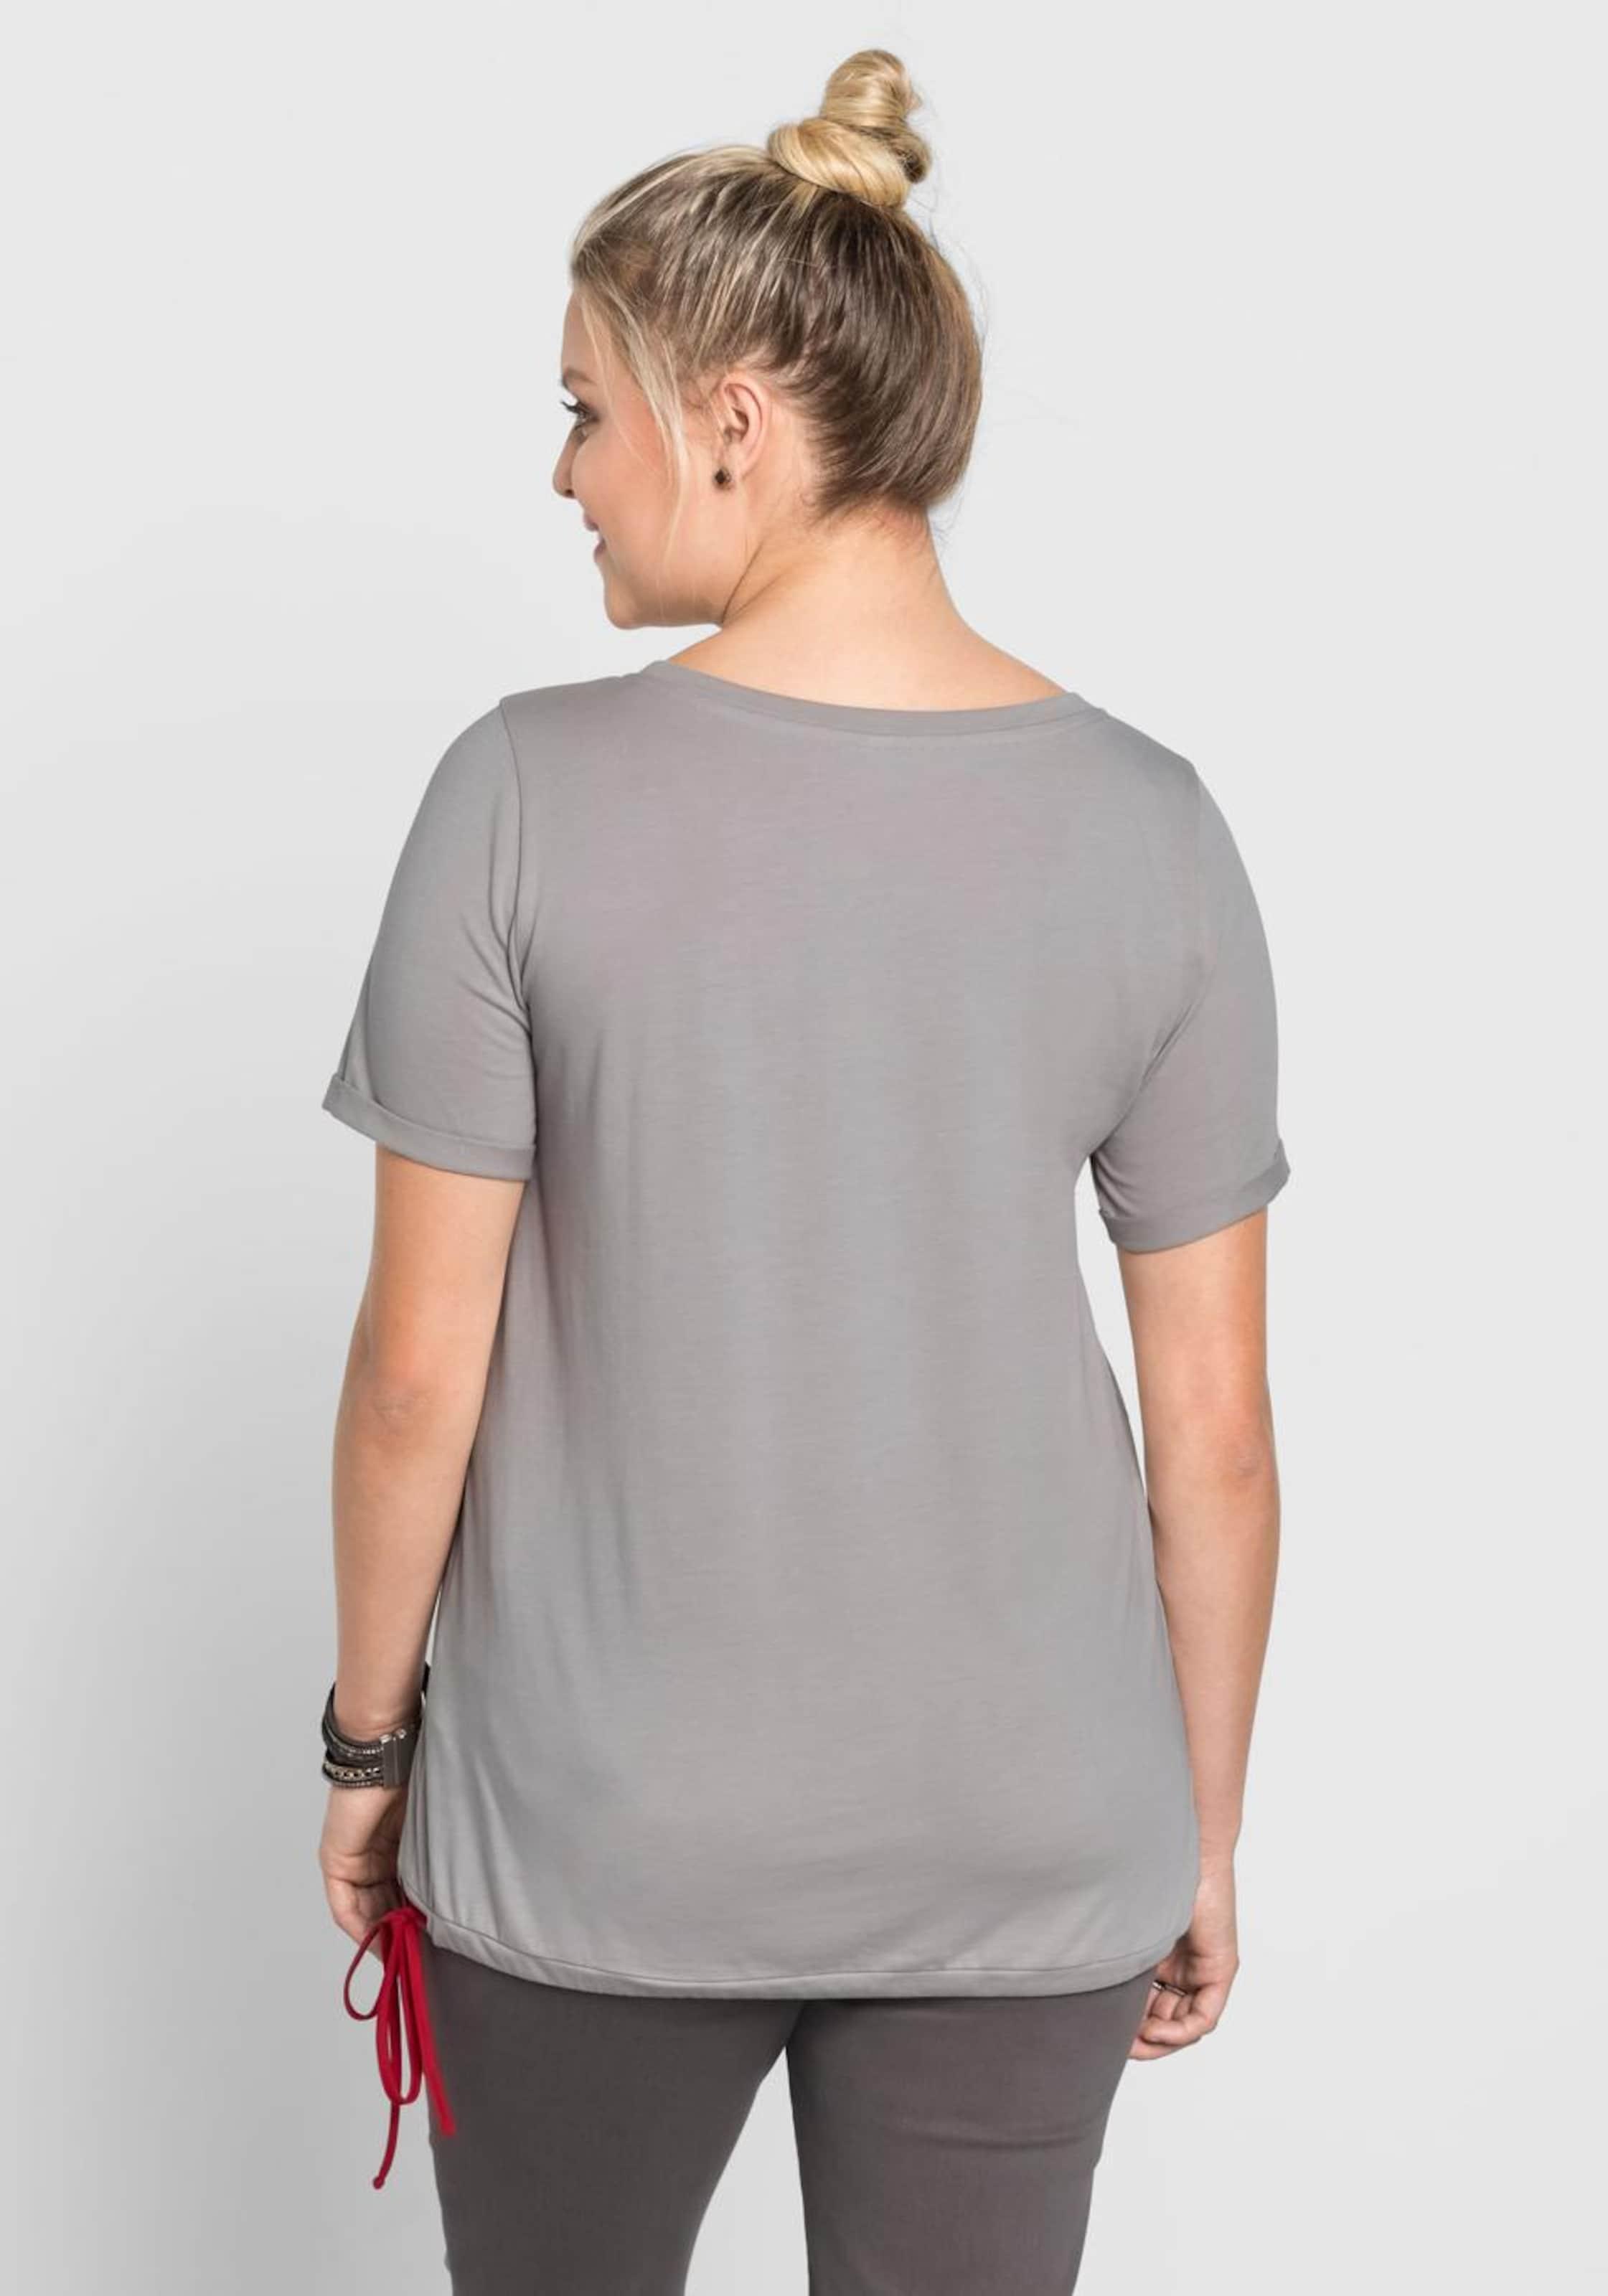 sheeGOTit T-Shirt Für Schöne Günstig Online Freies Verschiffen Viele Arten Von Auslass Beste Ort 8t3dMPy3